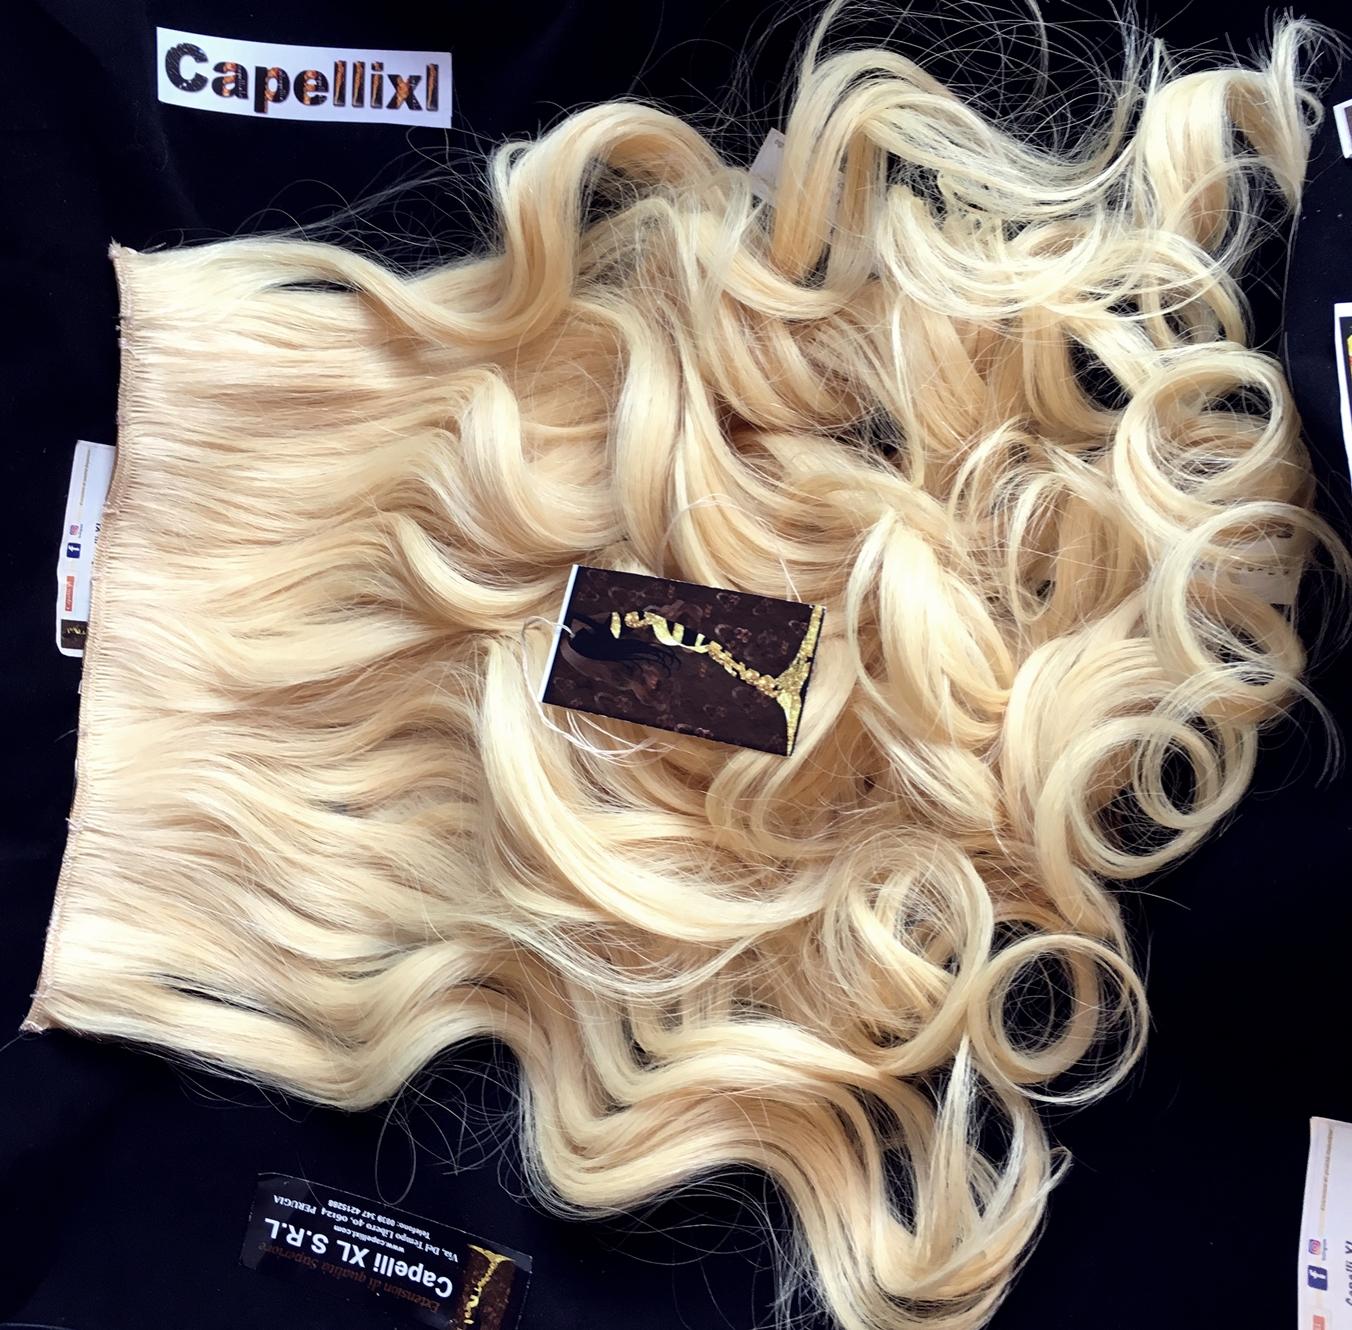 Allungamento capelli a fasce con clip per extension fai da te Capelli Europei